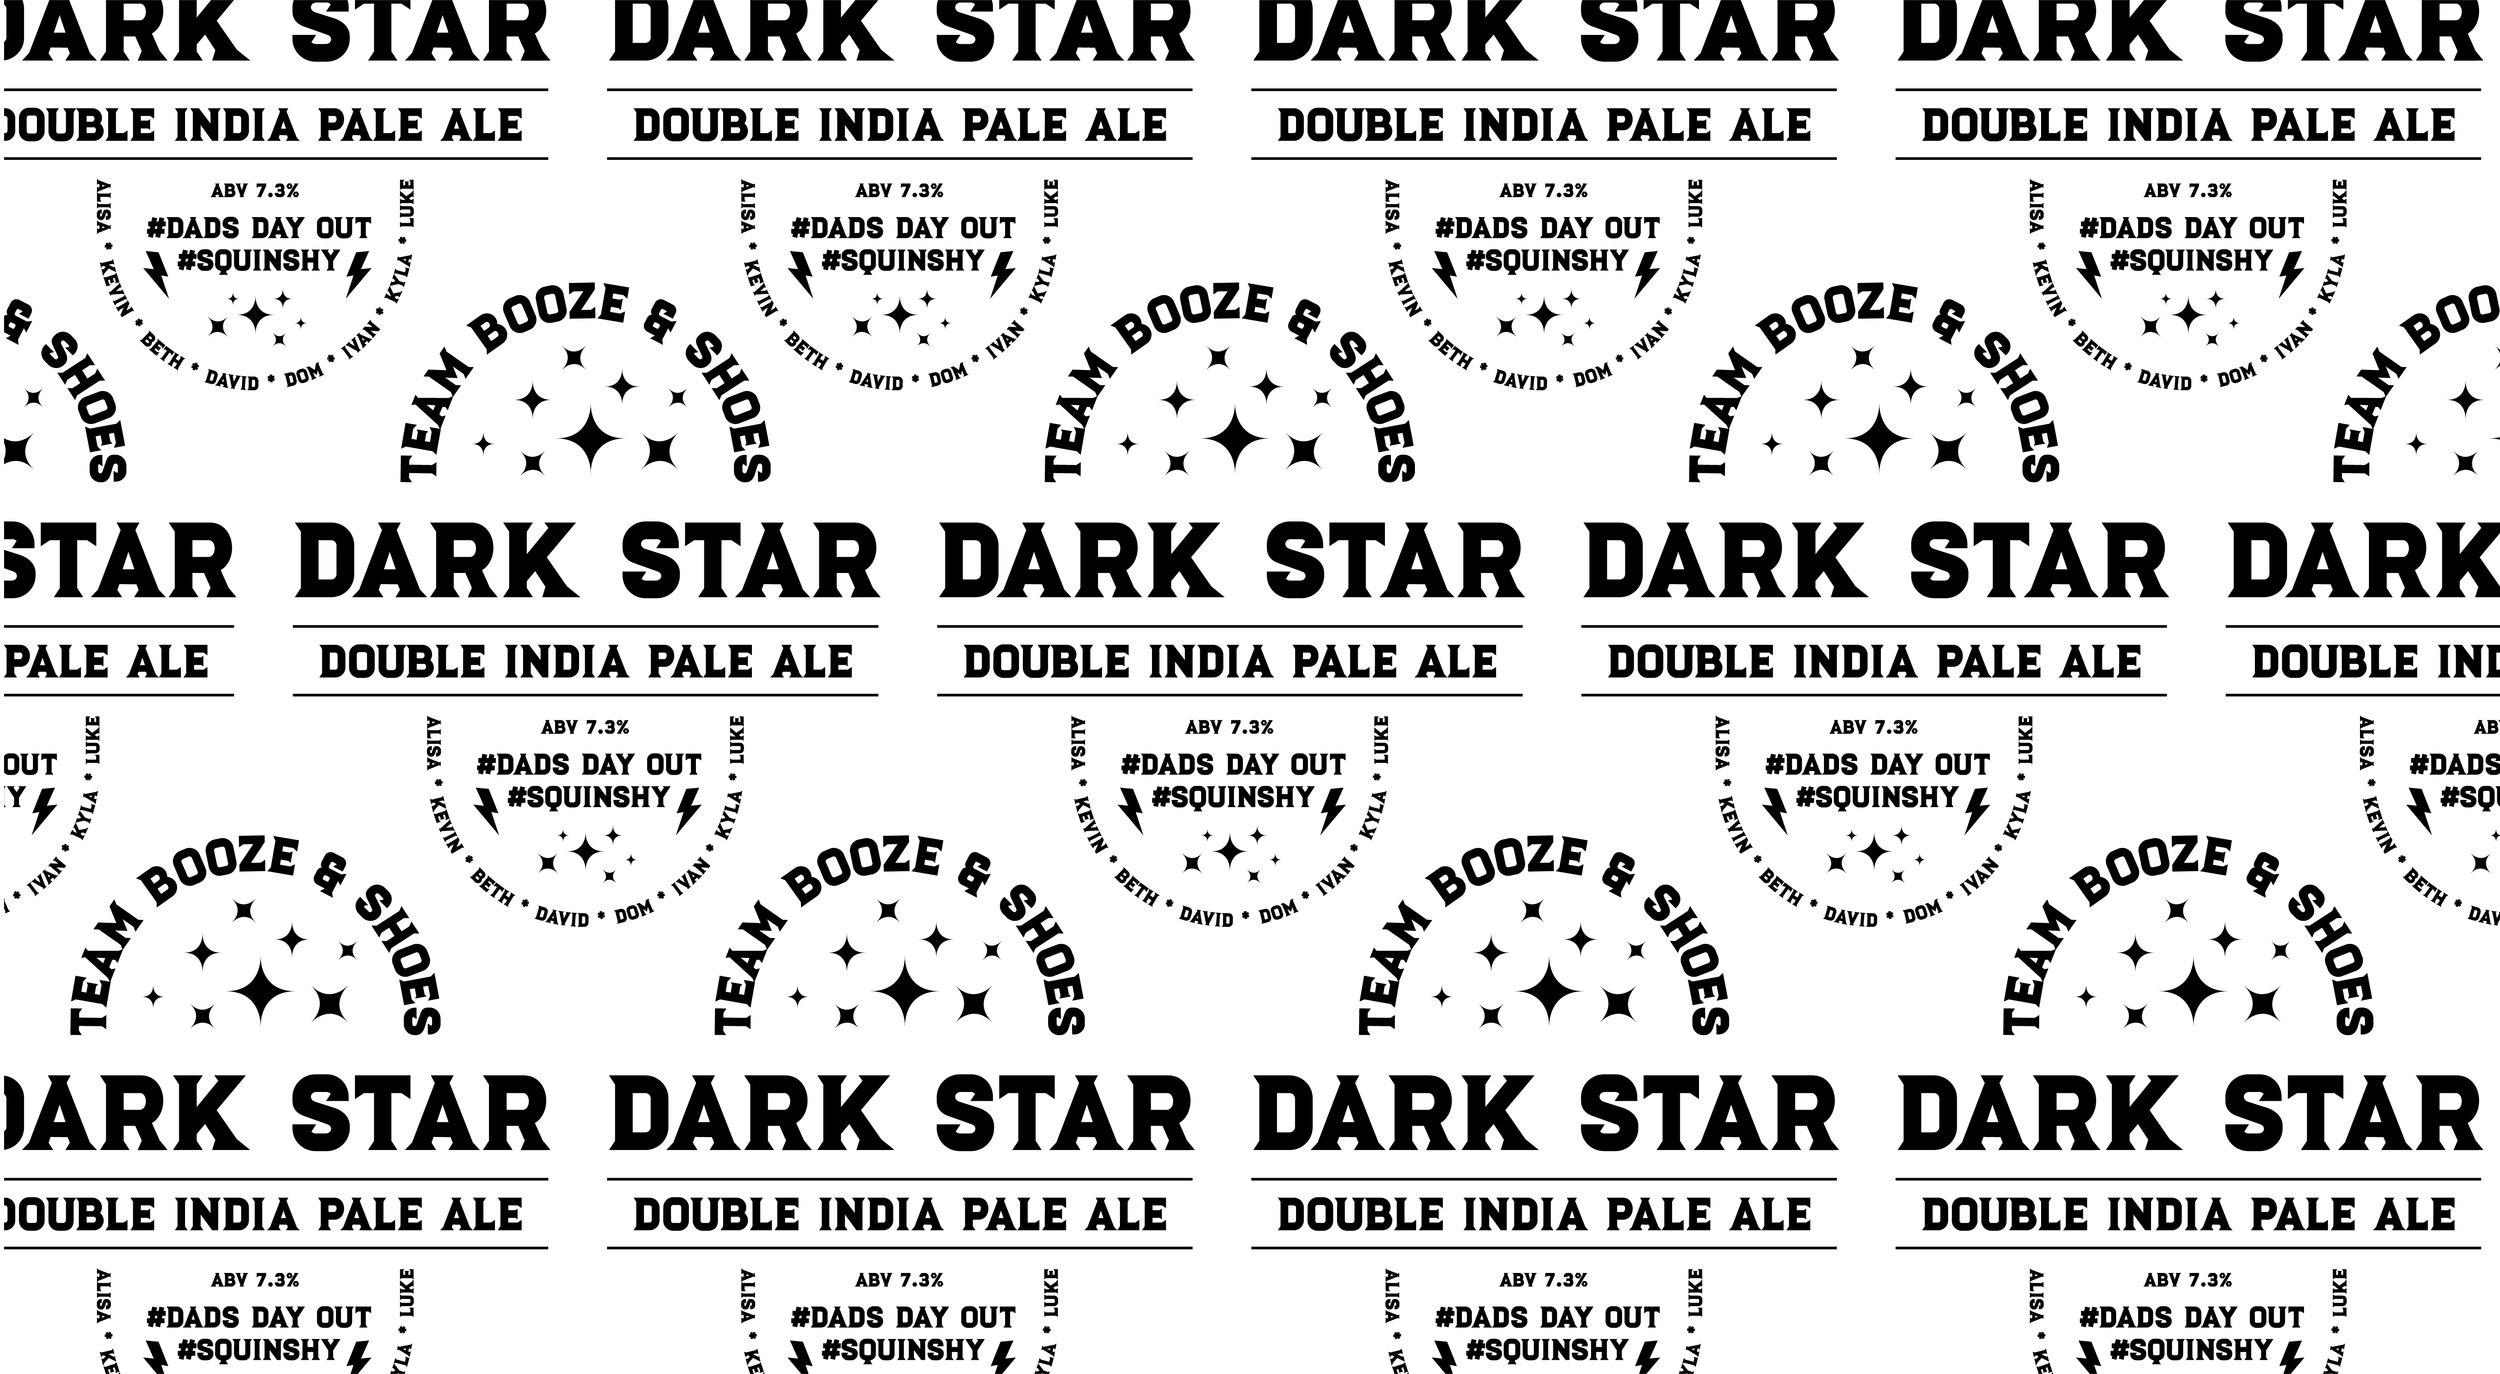 DarkStar_Logo-03.jpg